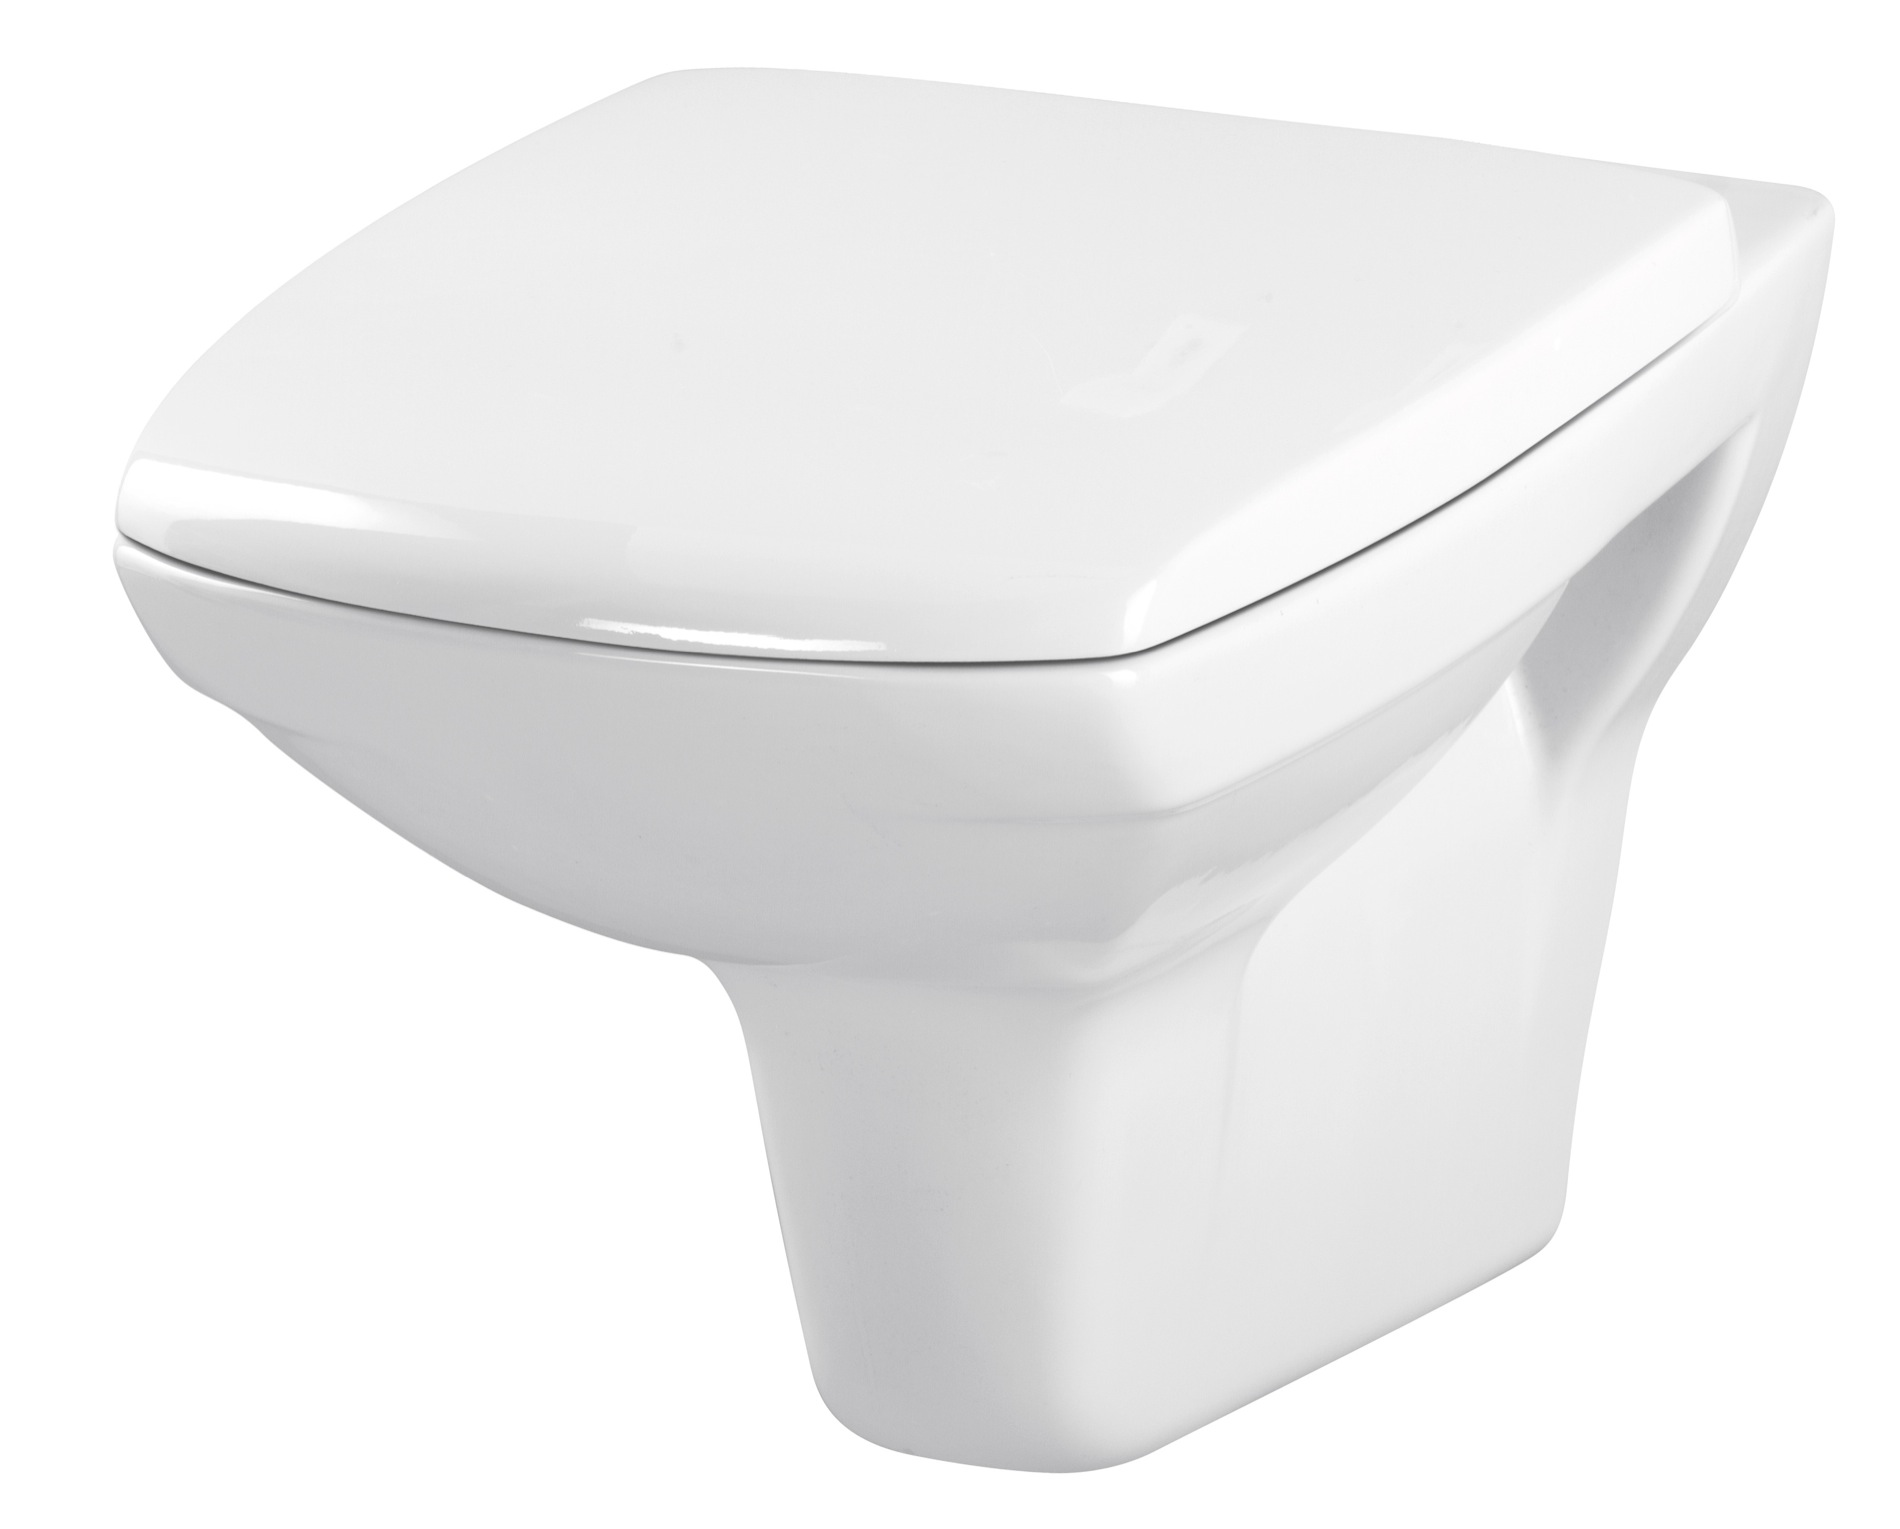 Závěsná WC Mísa CARINA - K31-002 CERSANIT, bez sedátka K31-002